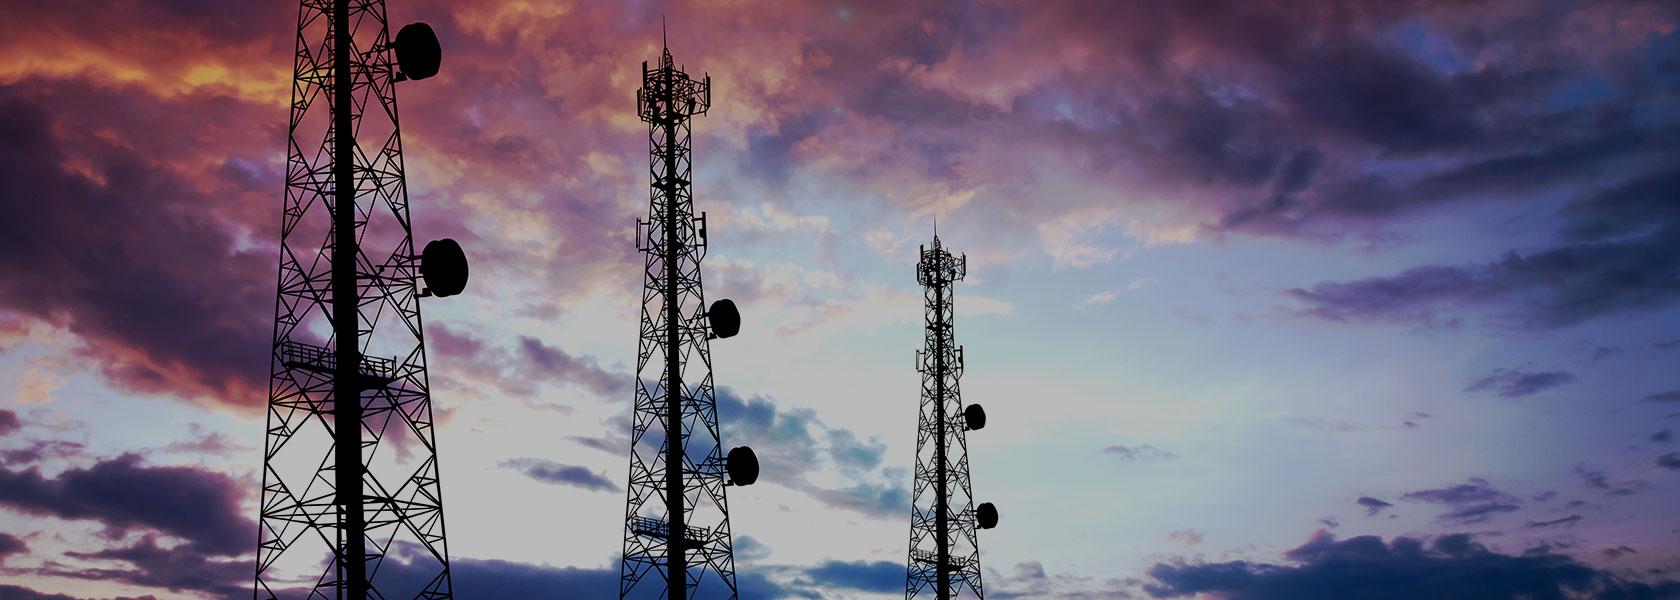 6 GHz Microwave Assurance